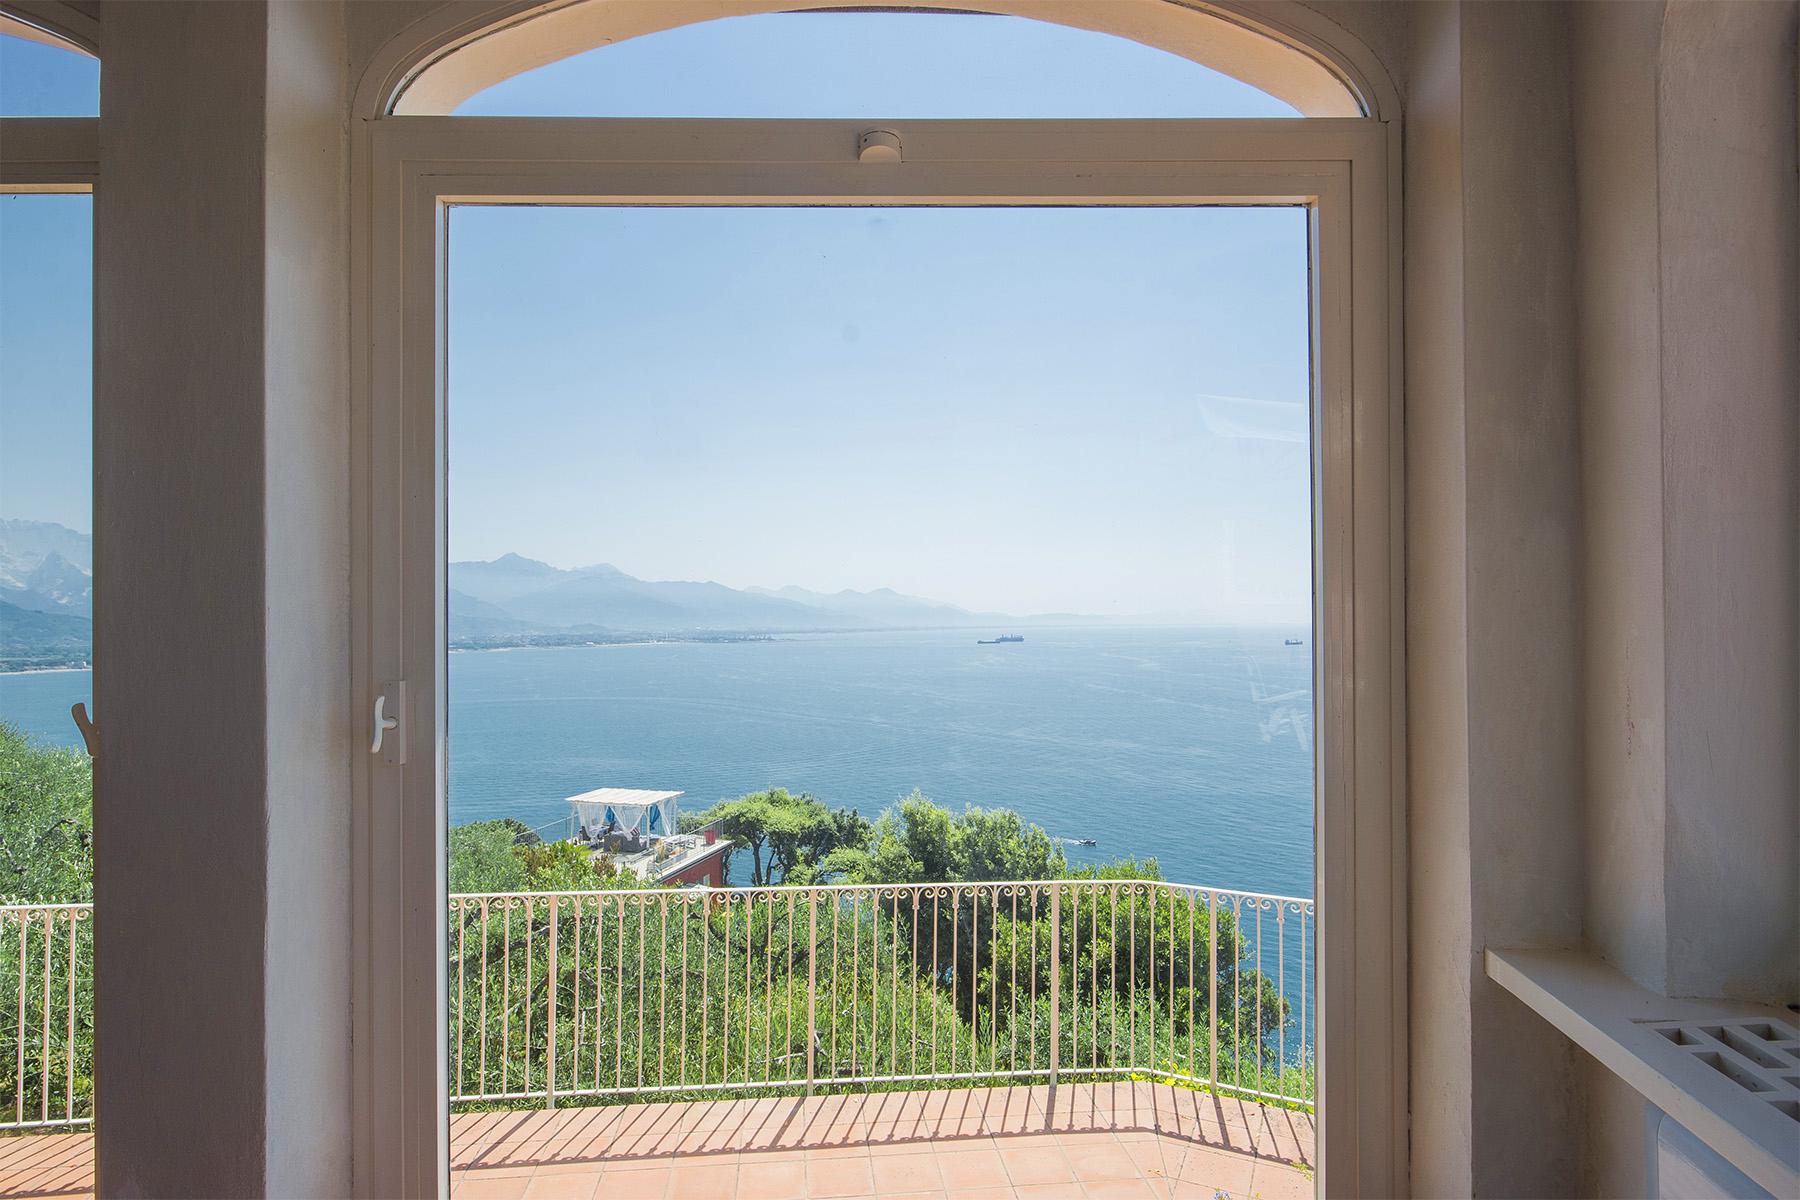 Villa in Vendita a Ameglia: 5 locali, 200 mq - Foto 9